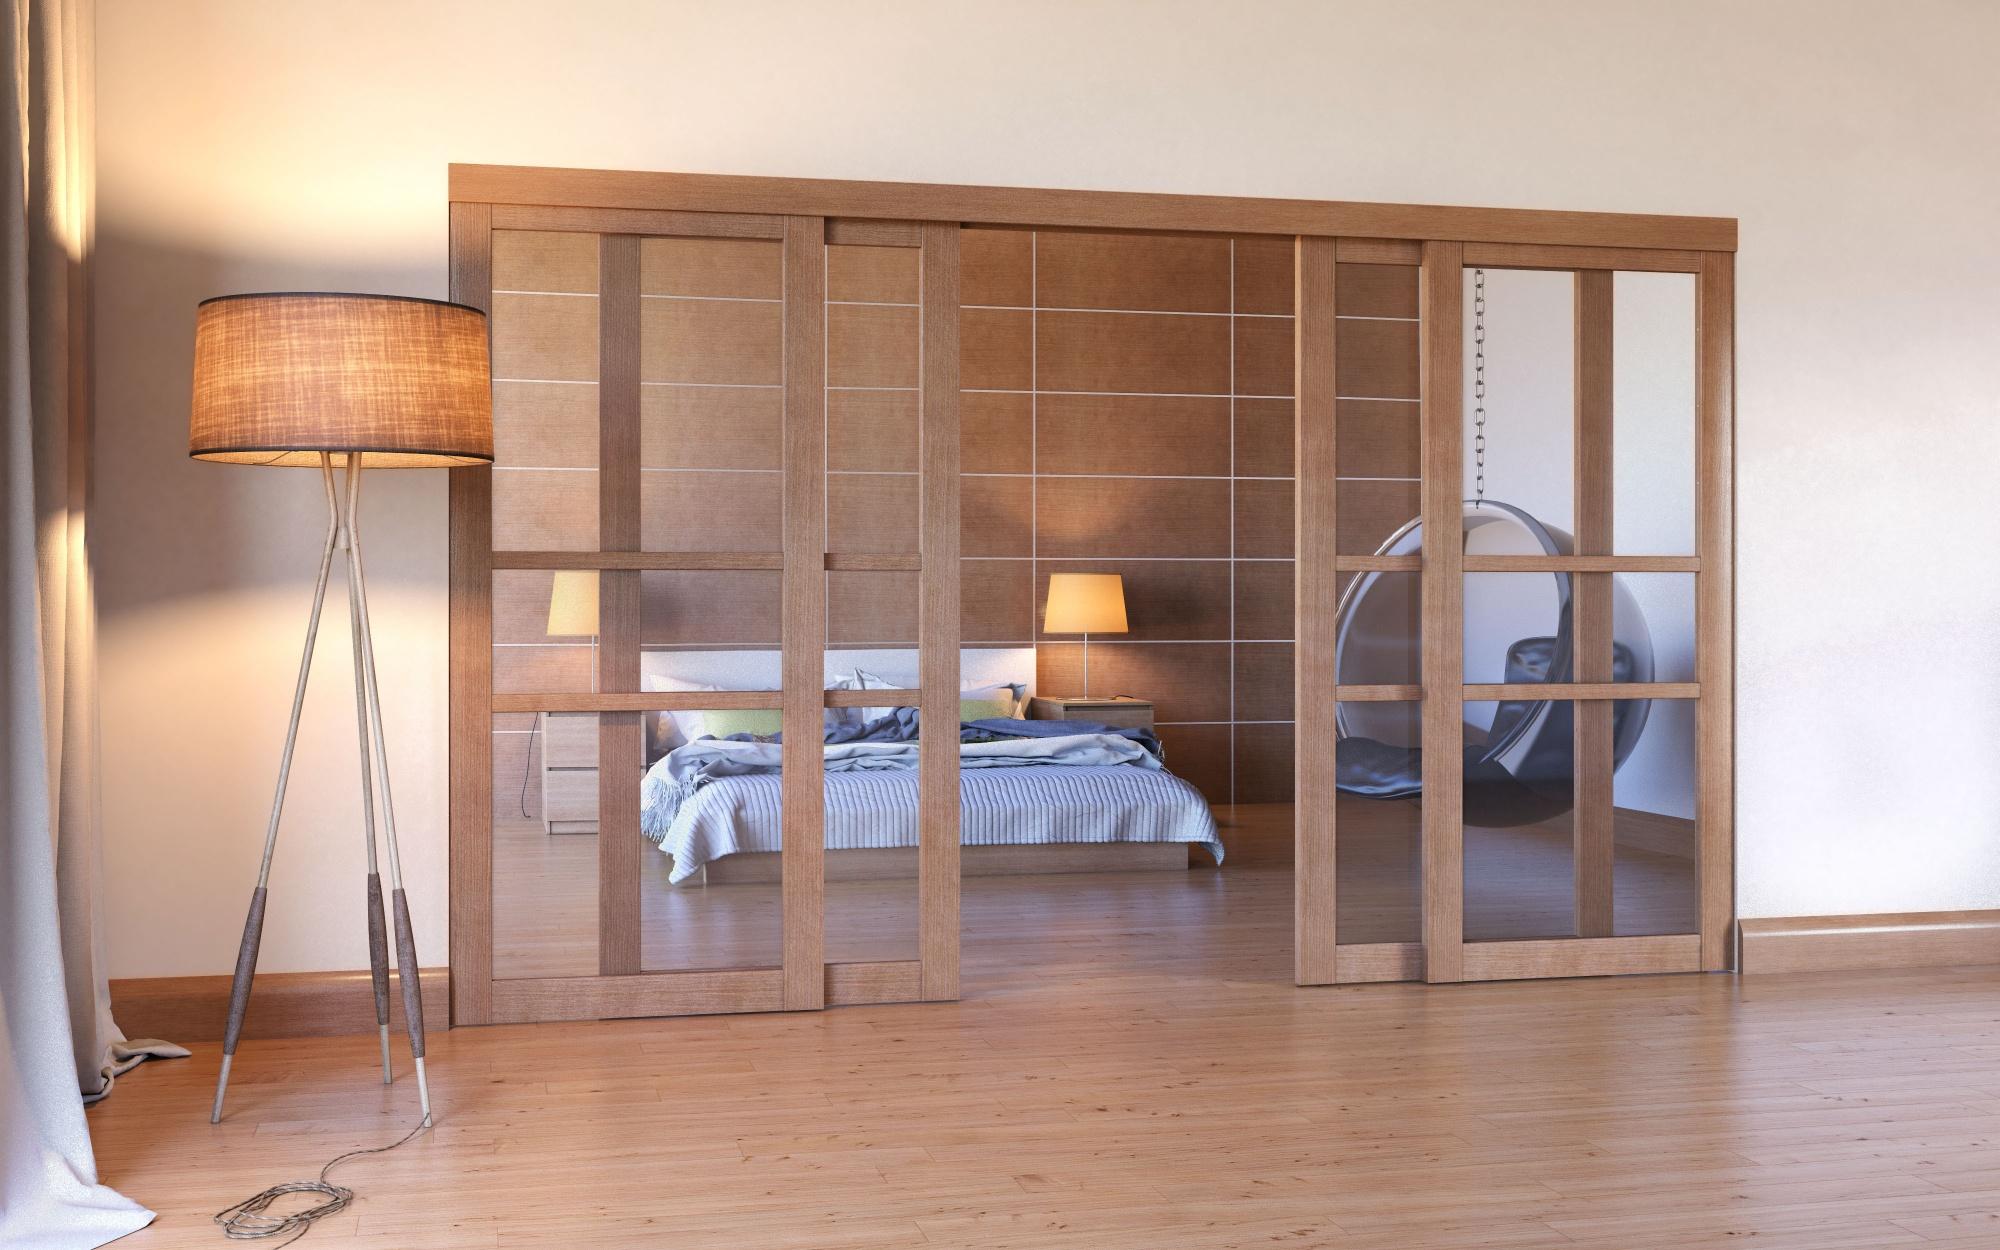 раздвижные двери в спальню фото касается иллюстраций